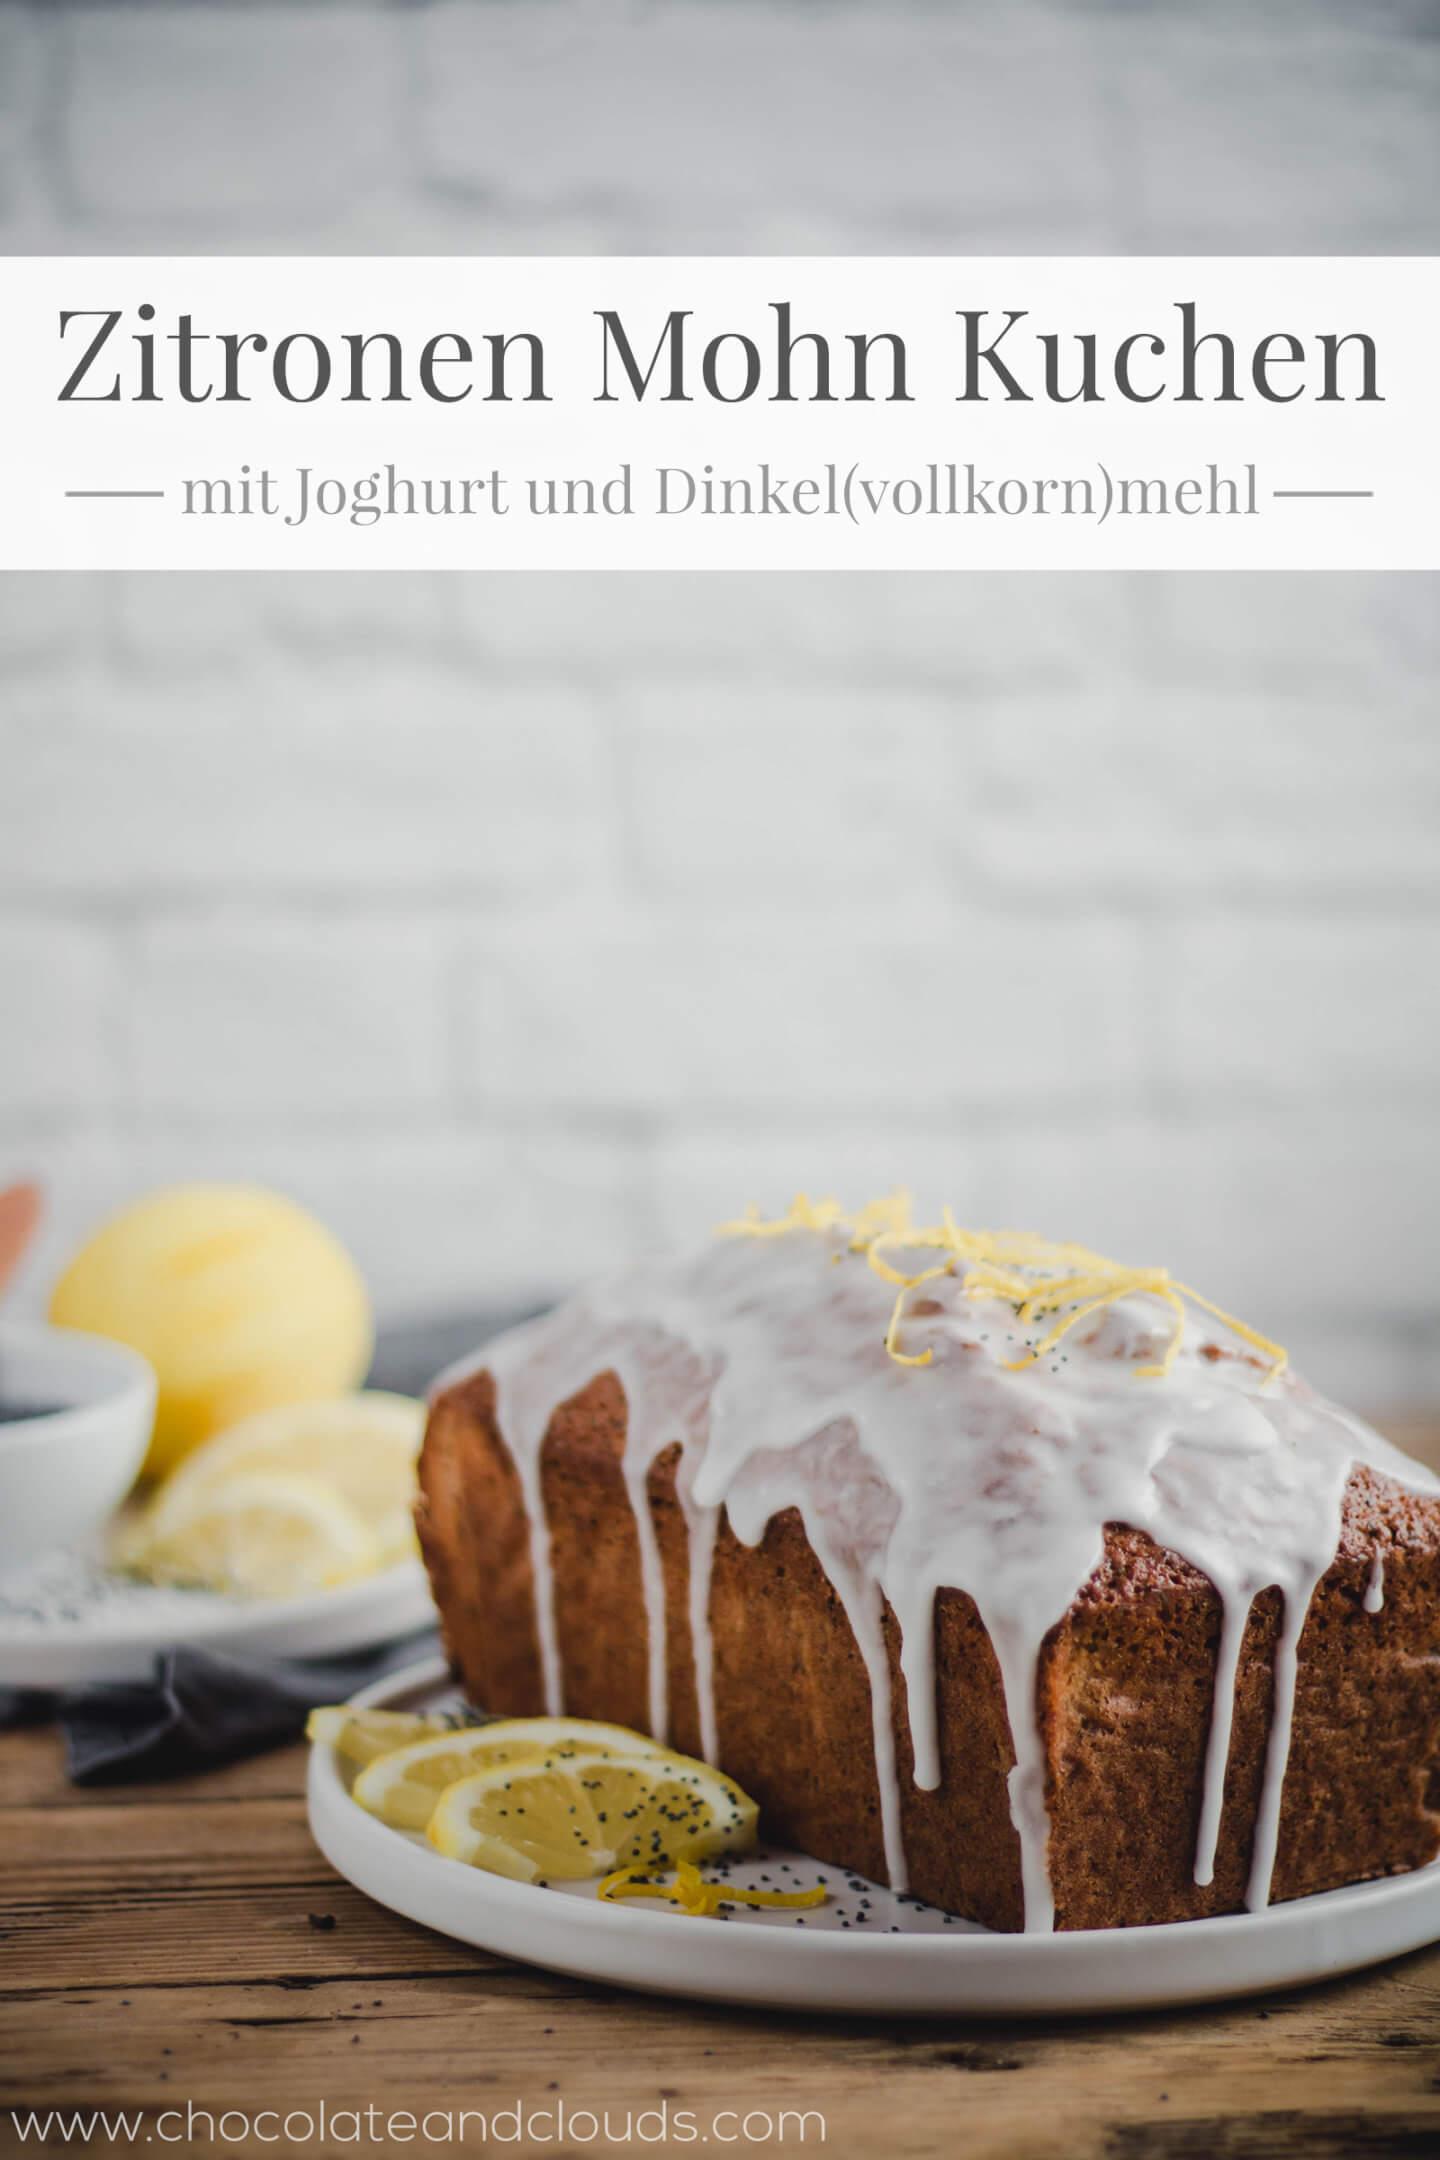 zitronen mohn kuchen mit joghurt, dinkelmehl und zitronenglasur